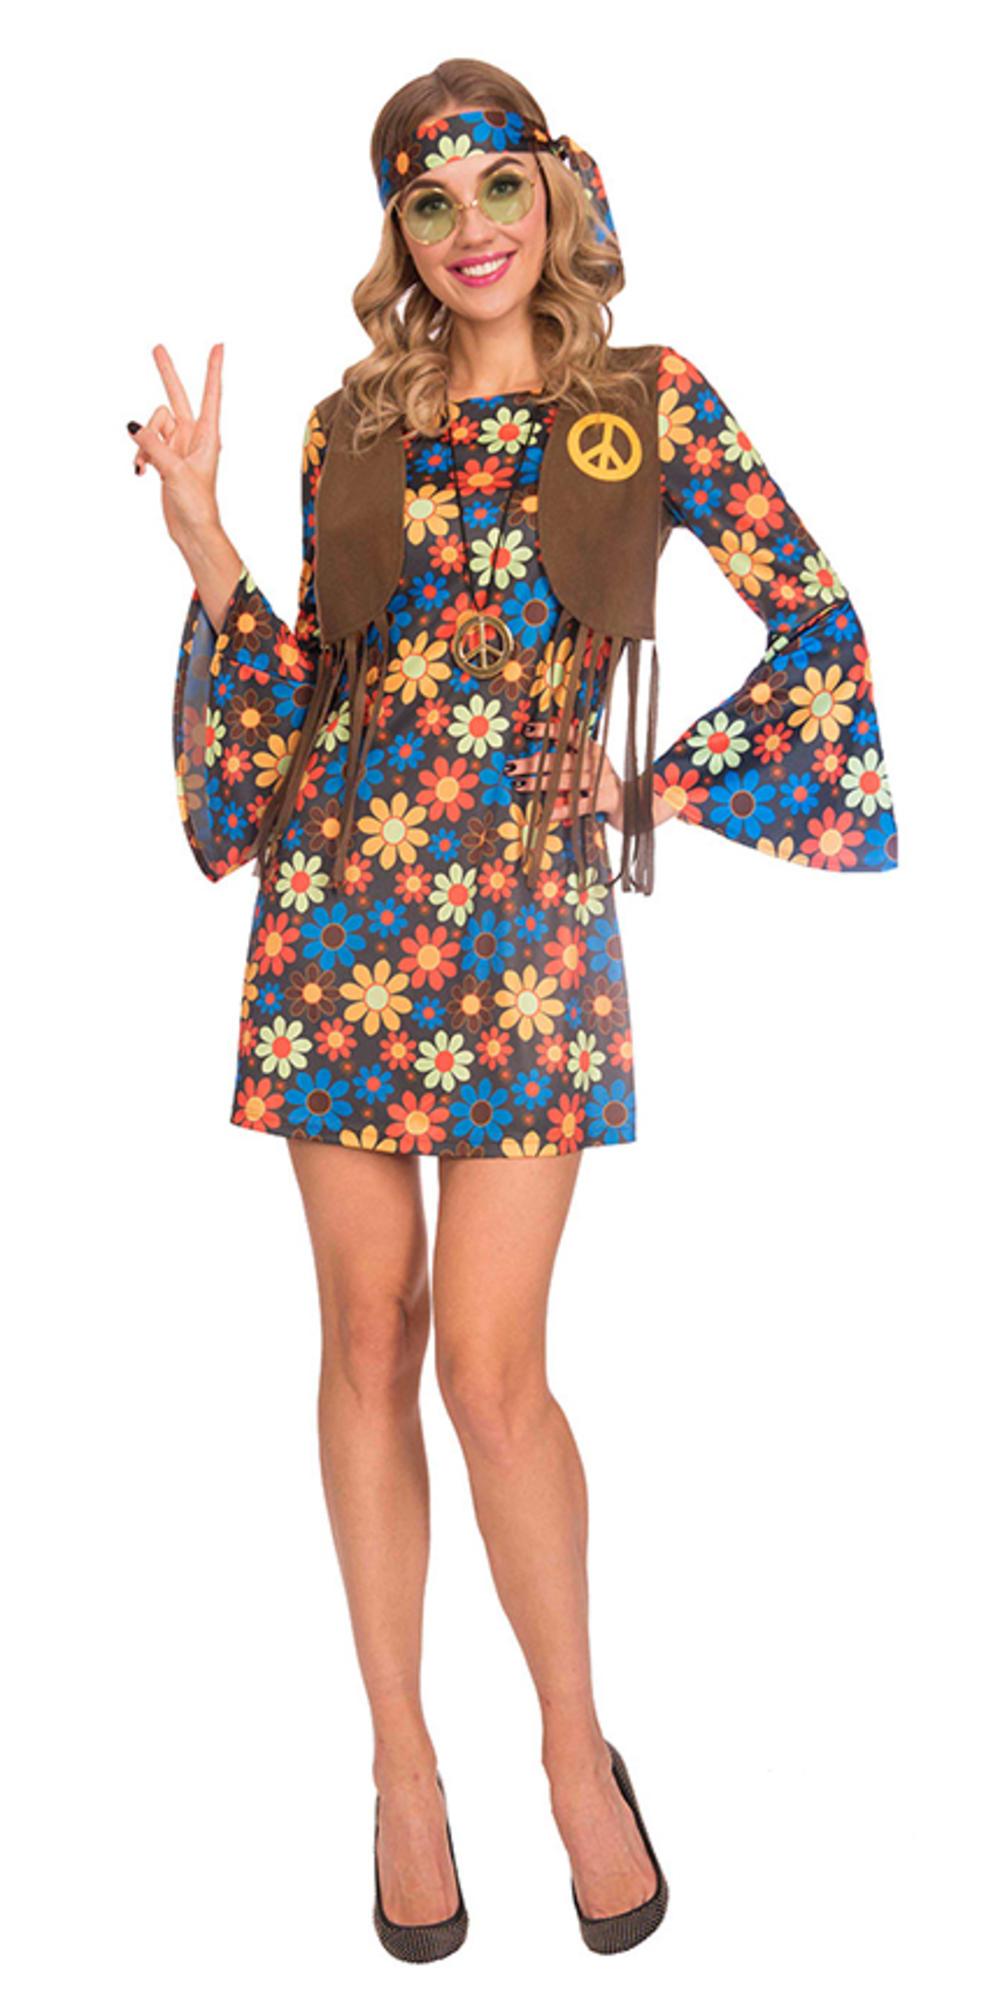 60s Groovy Hippy Woman